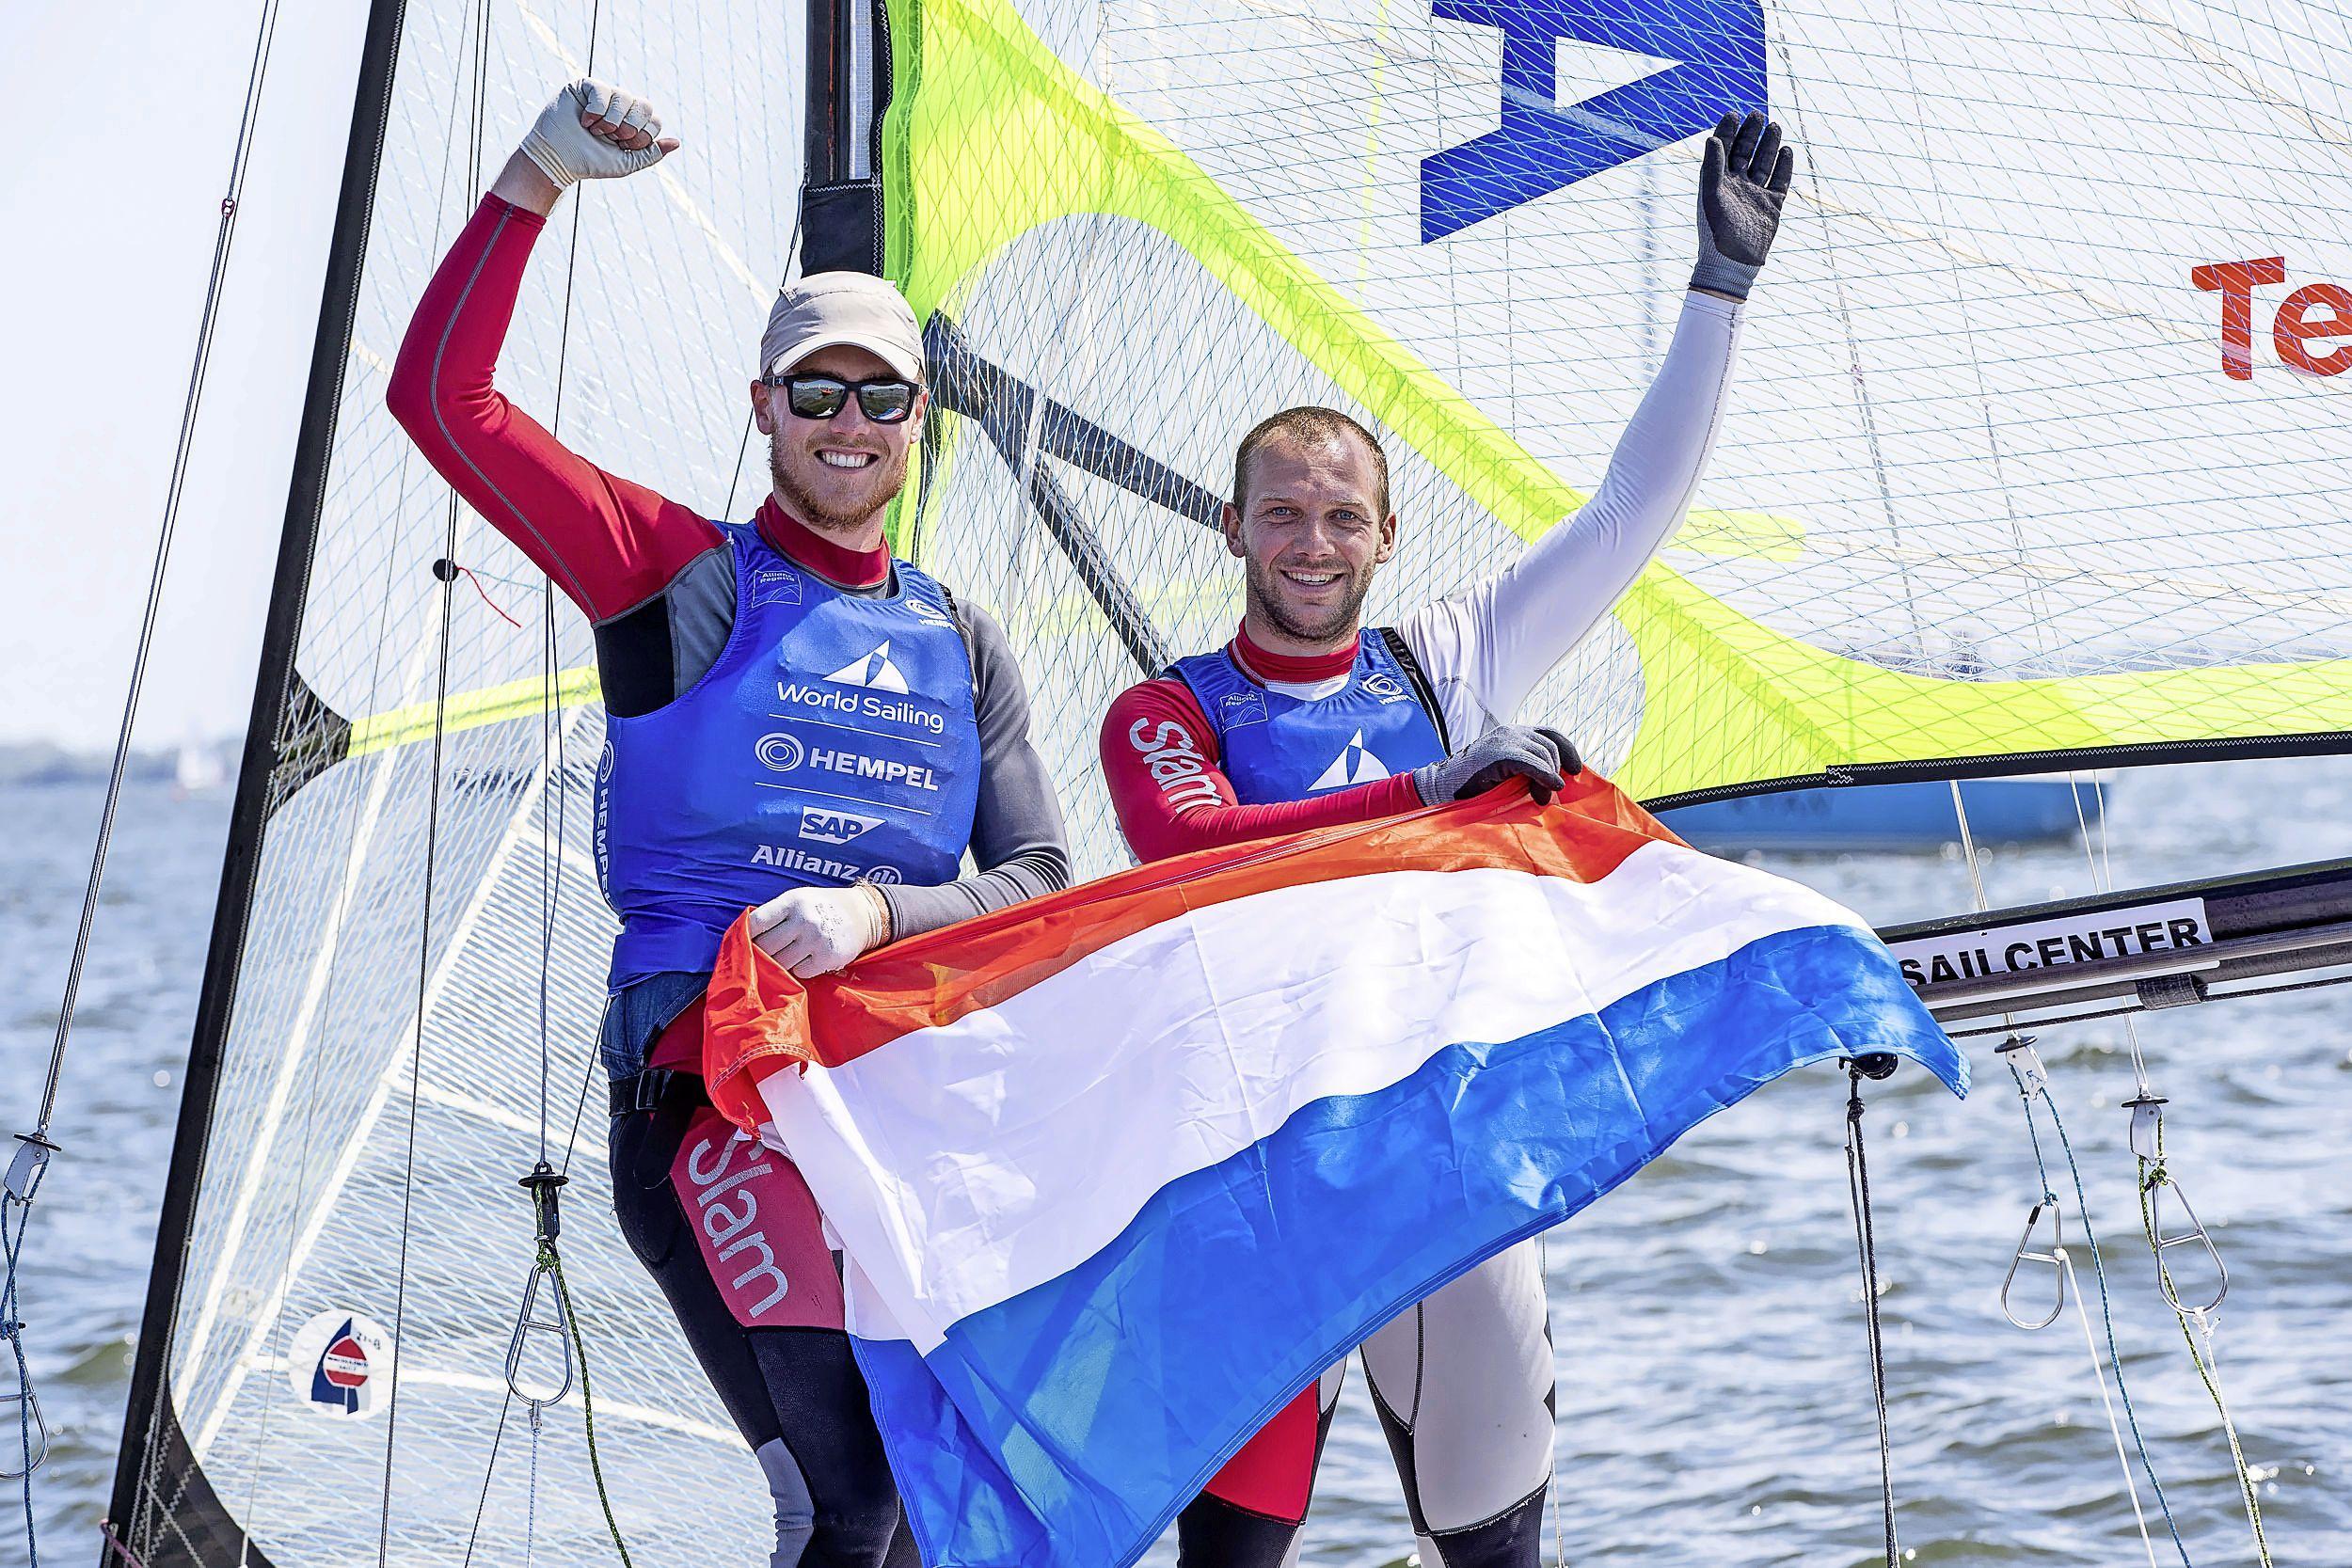 Nederlandse olympische zeilteams sluiten toernooi in Medemblik in stijl af: goud voor de vrouwen en de mannen